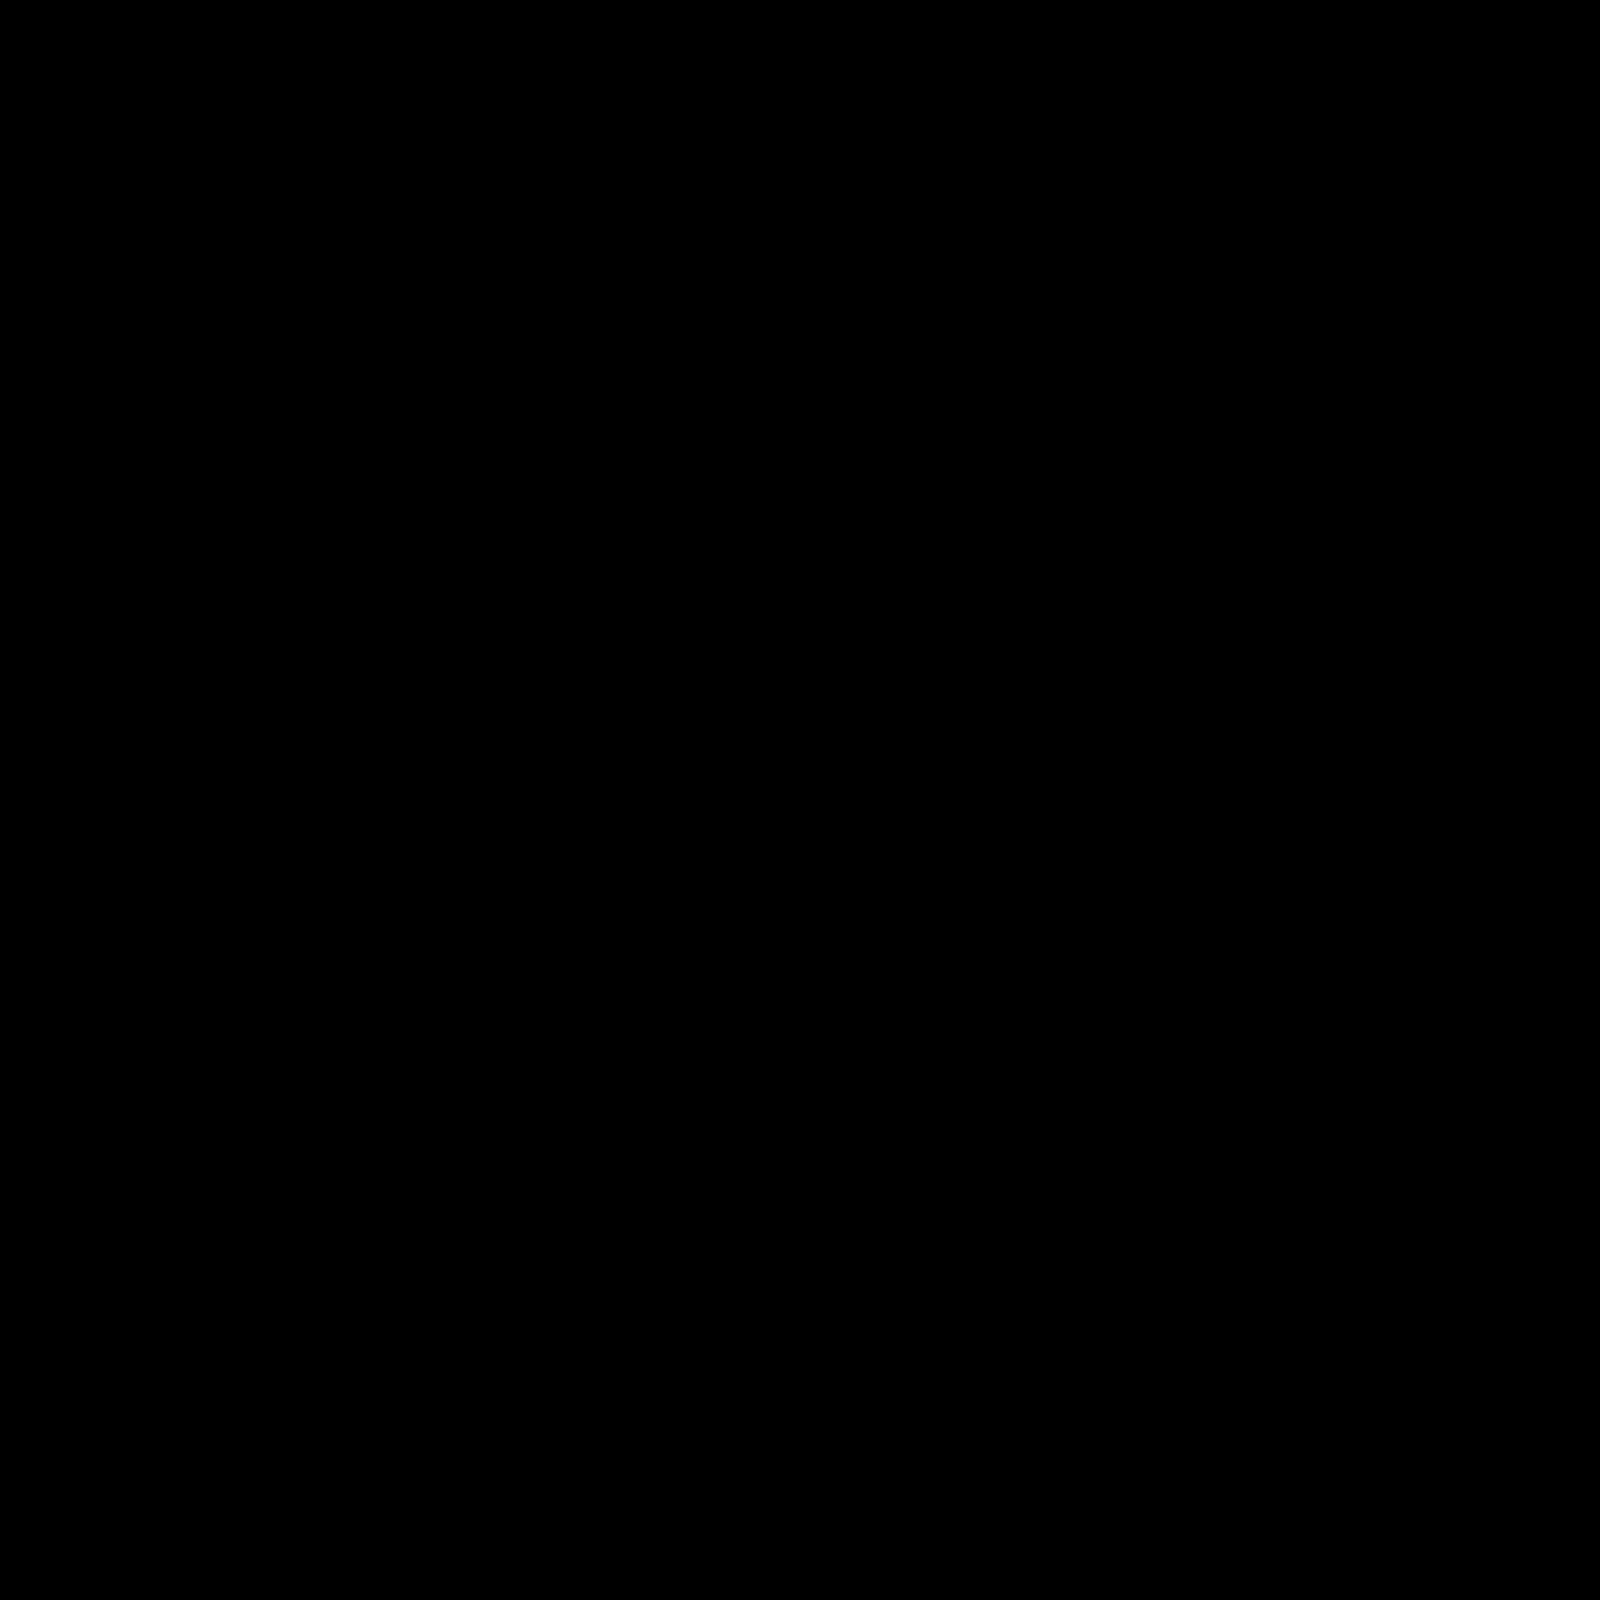 小アイコン icon. The small icons are represented by many tiny different images or icon. For example, there may be symbols for clouds, suns, mountains, flowers, etc. The images inside the icon are small and is surrounded by a square.